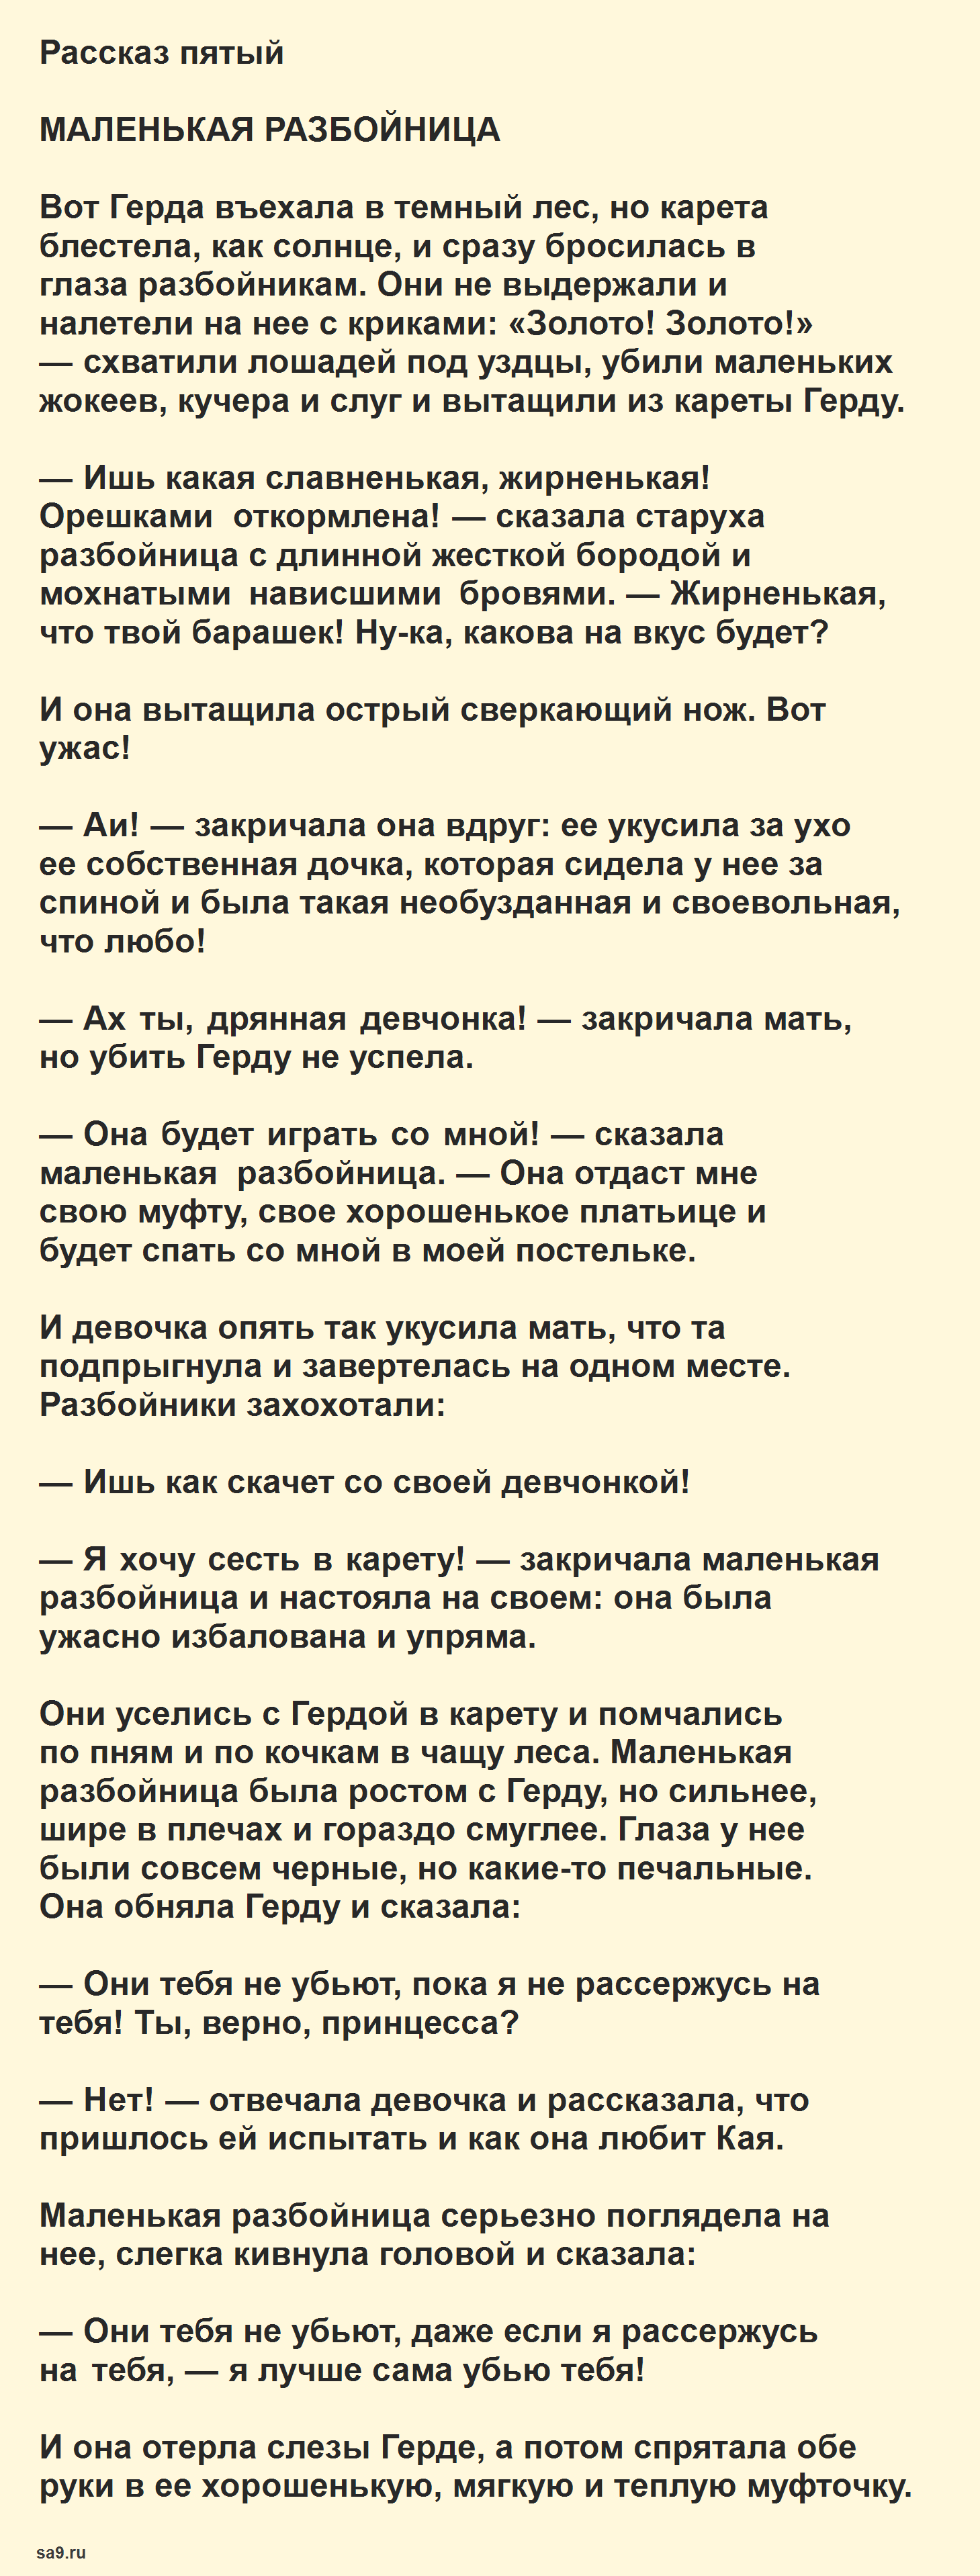 Сказка Андерсена – Снежная королева, читать онлайн бесплатно